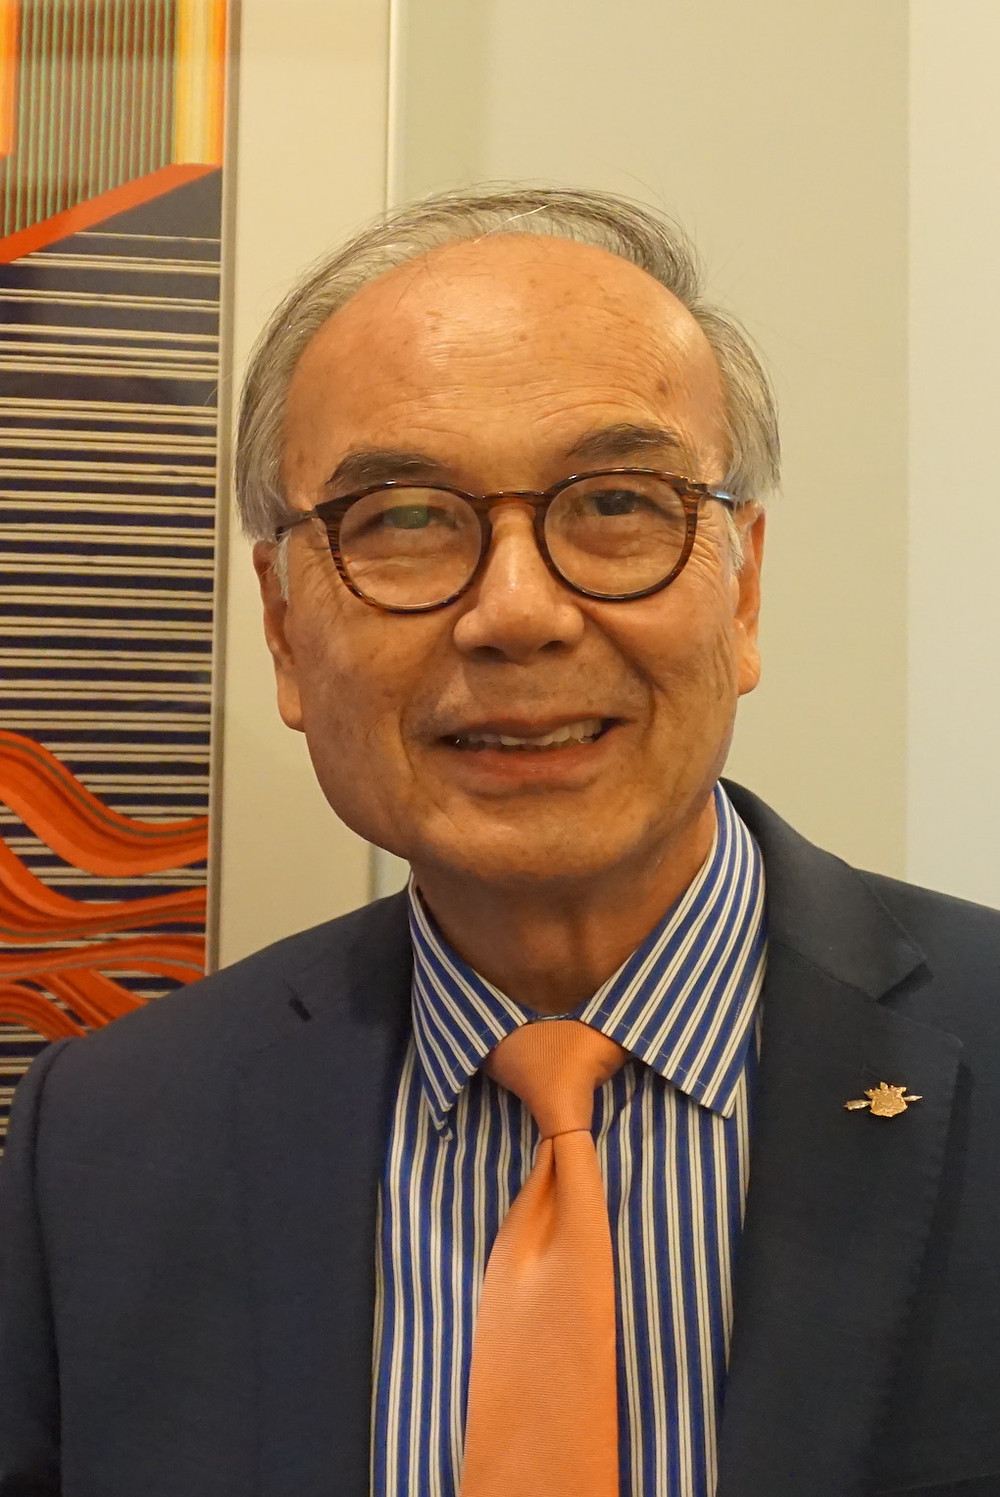 BC华裔贸易部长:民众的故事和意见,有助华裔加拿大人博物馆成真